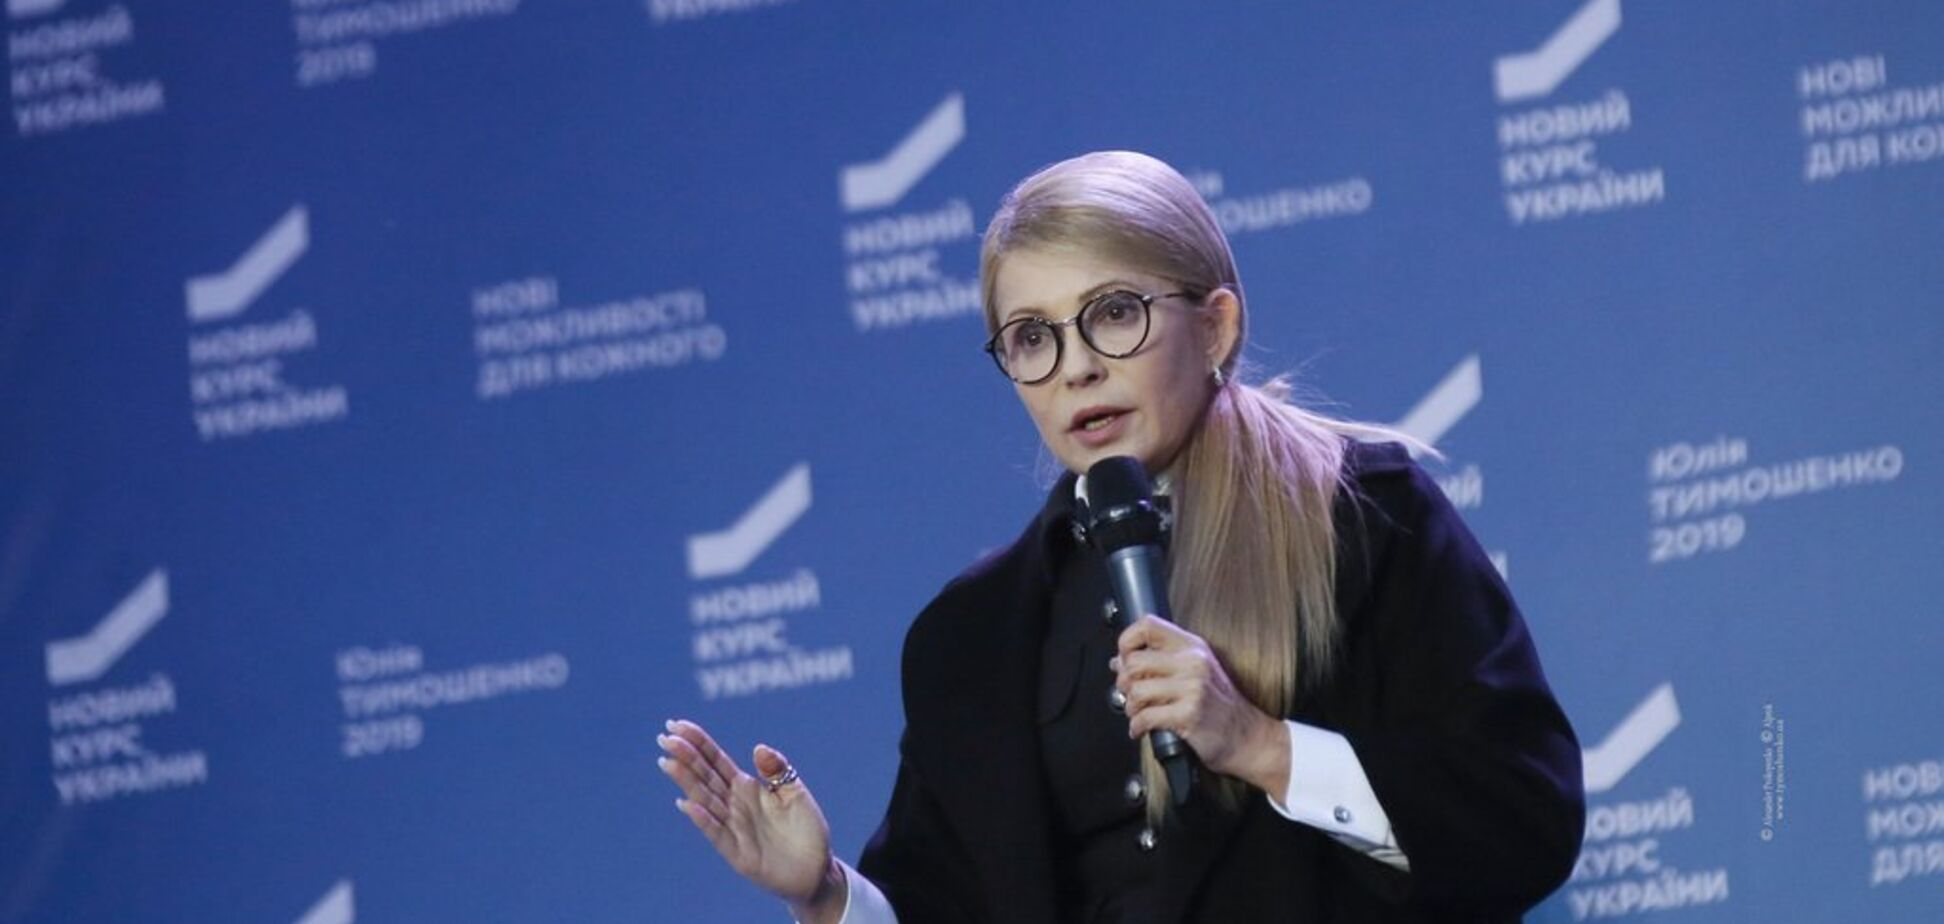 Умланд: президентство Тимошенко — шанс для нового початку та прогресивного розвитку країни